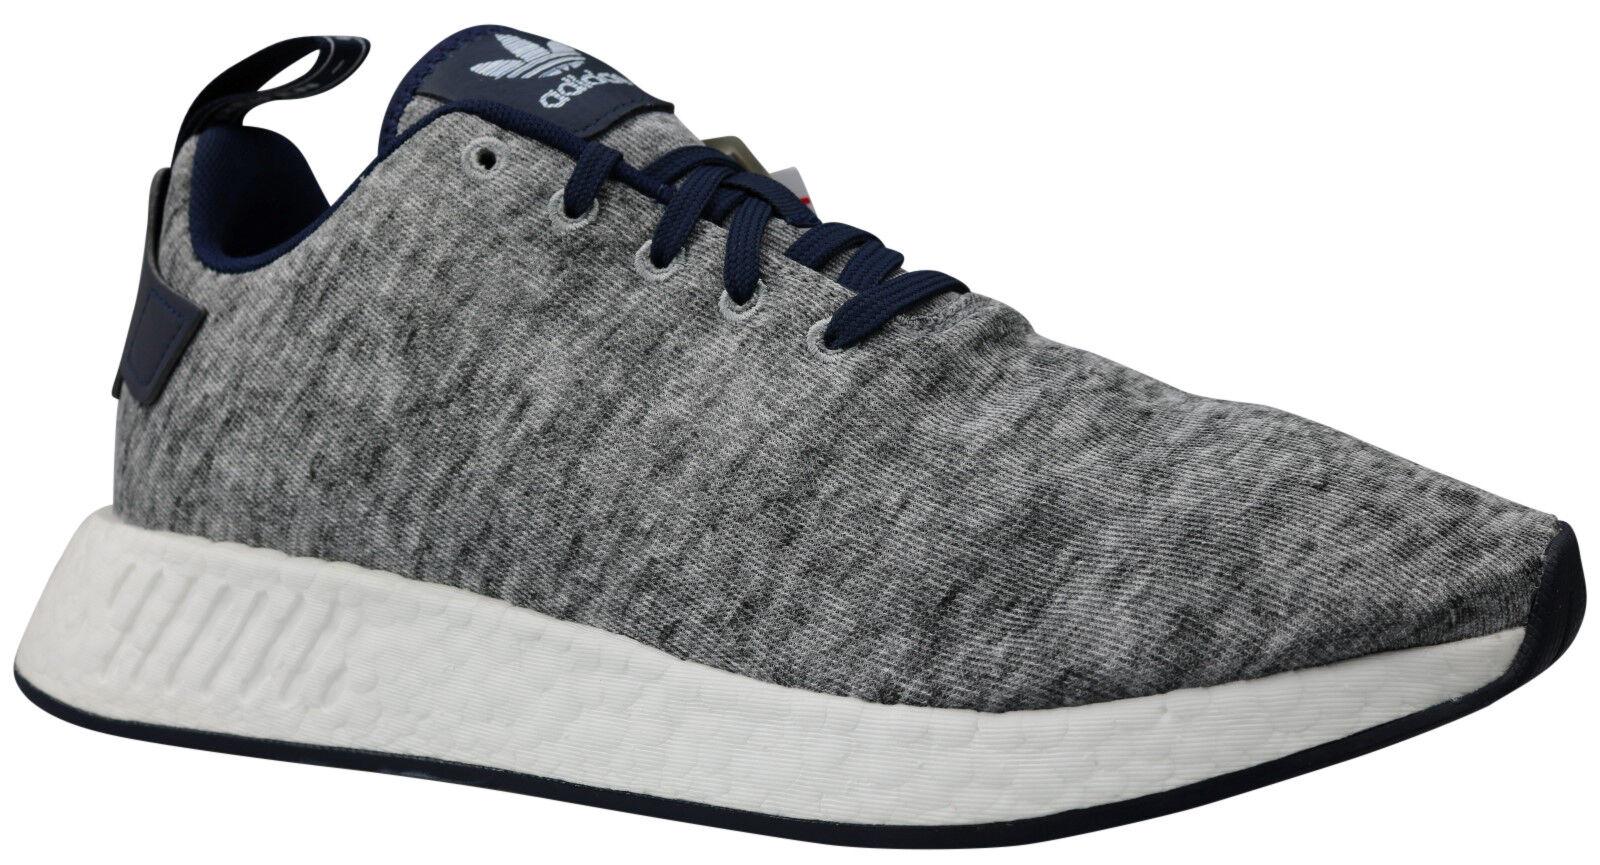 Adidas nmd r2 uas x United Arrows GR Sons calcetines cortos da8834 GR Arrows 41  46 nuevo embalaje original c2589d